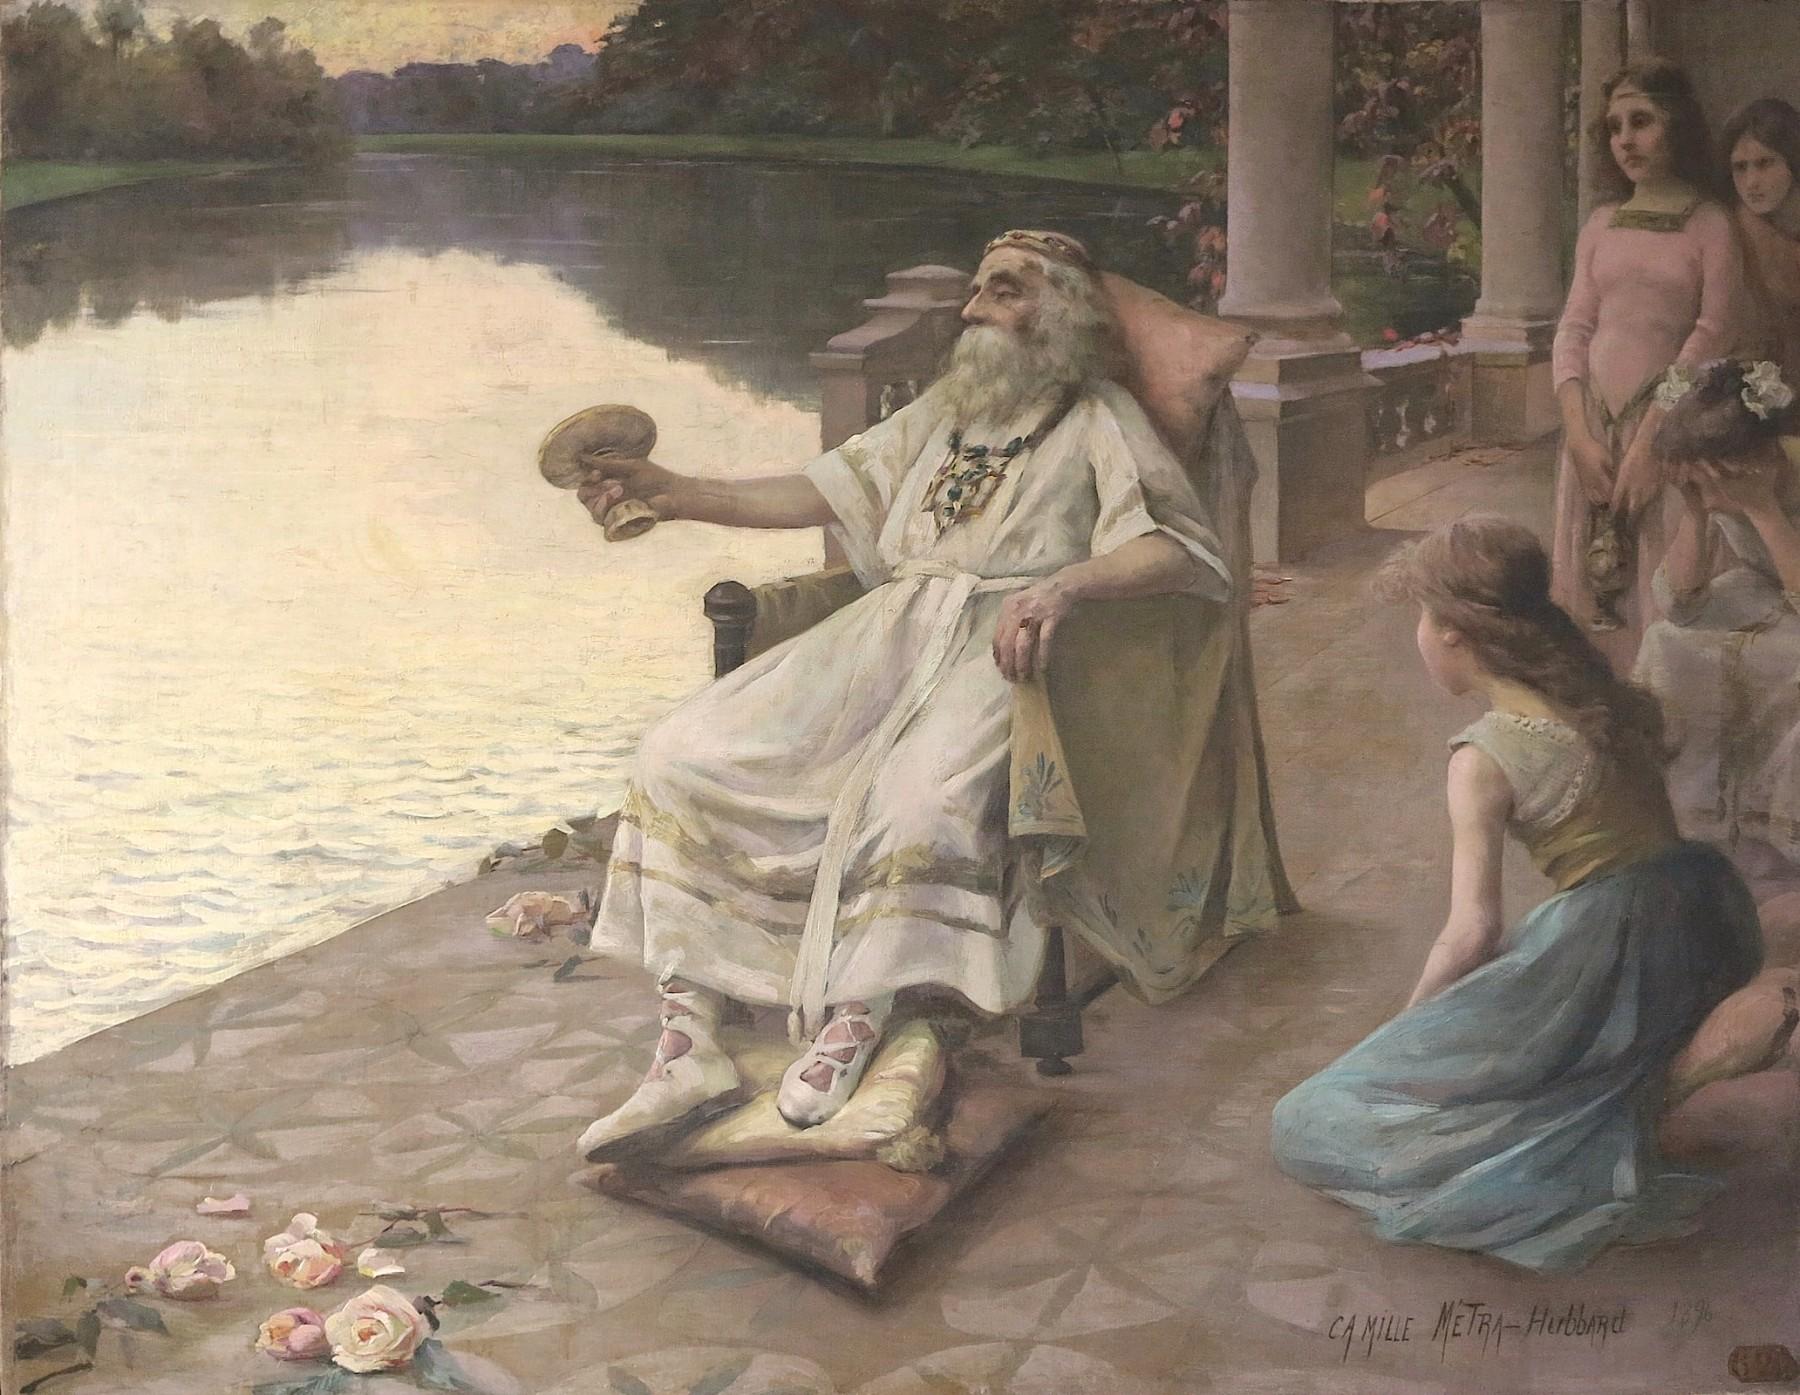 Le roi de Thulé - Gérard de Nerval  AnticStore-Large-Ref-74126